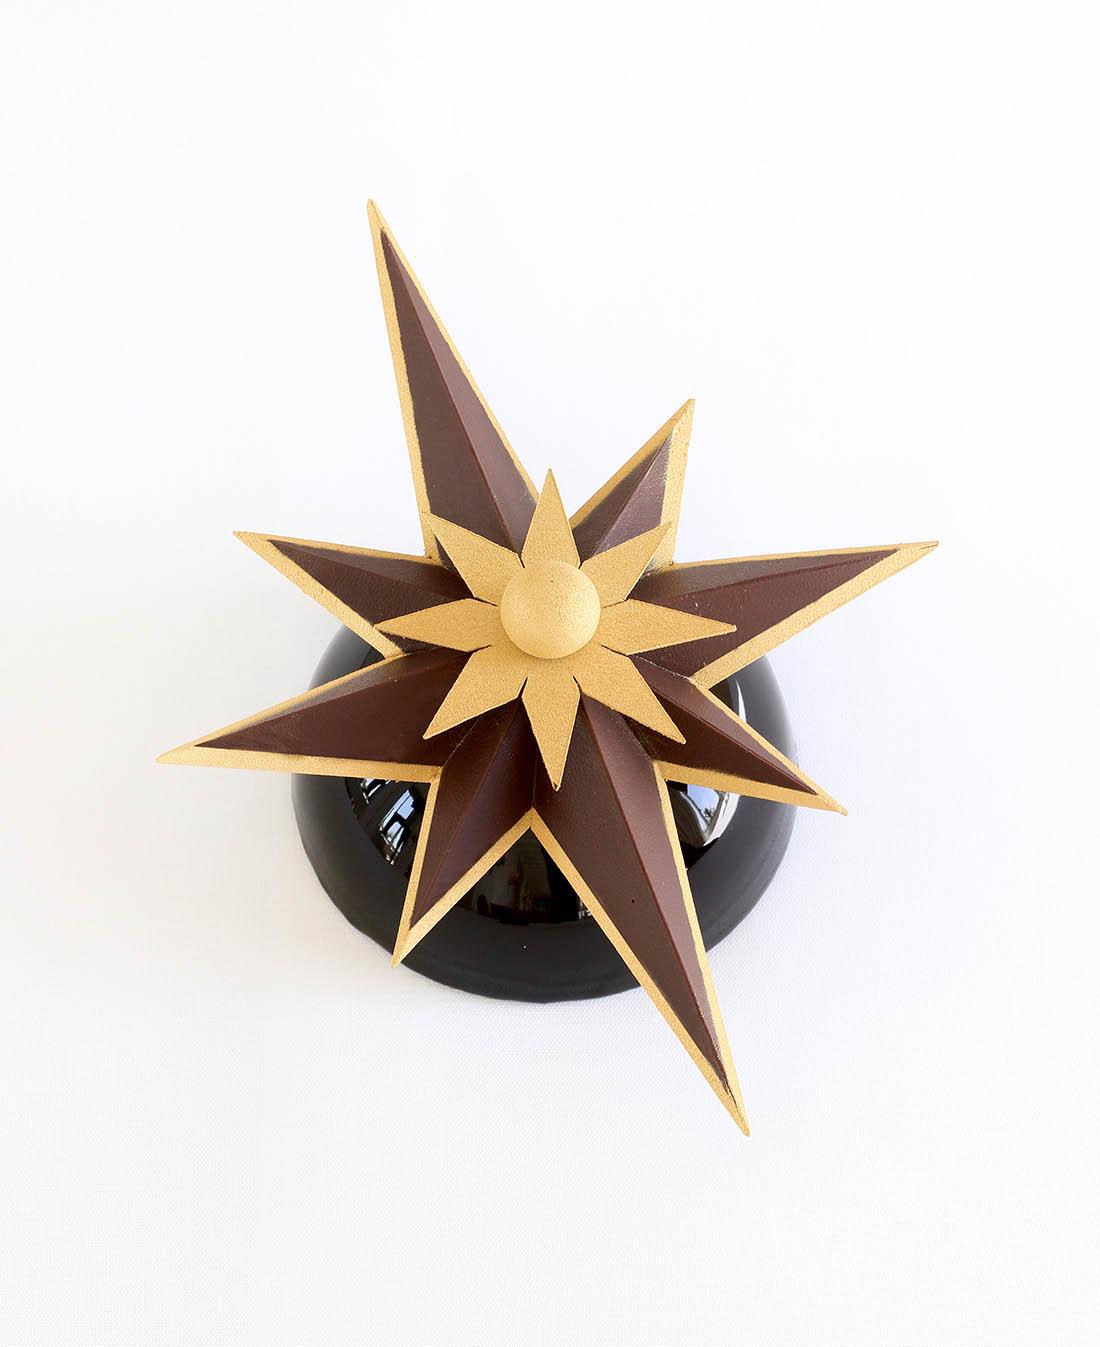 Bûches de Noël 2019 - Grand-Hôtel du Cap-Ferrat